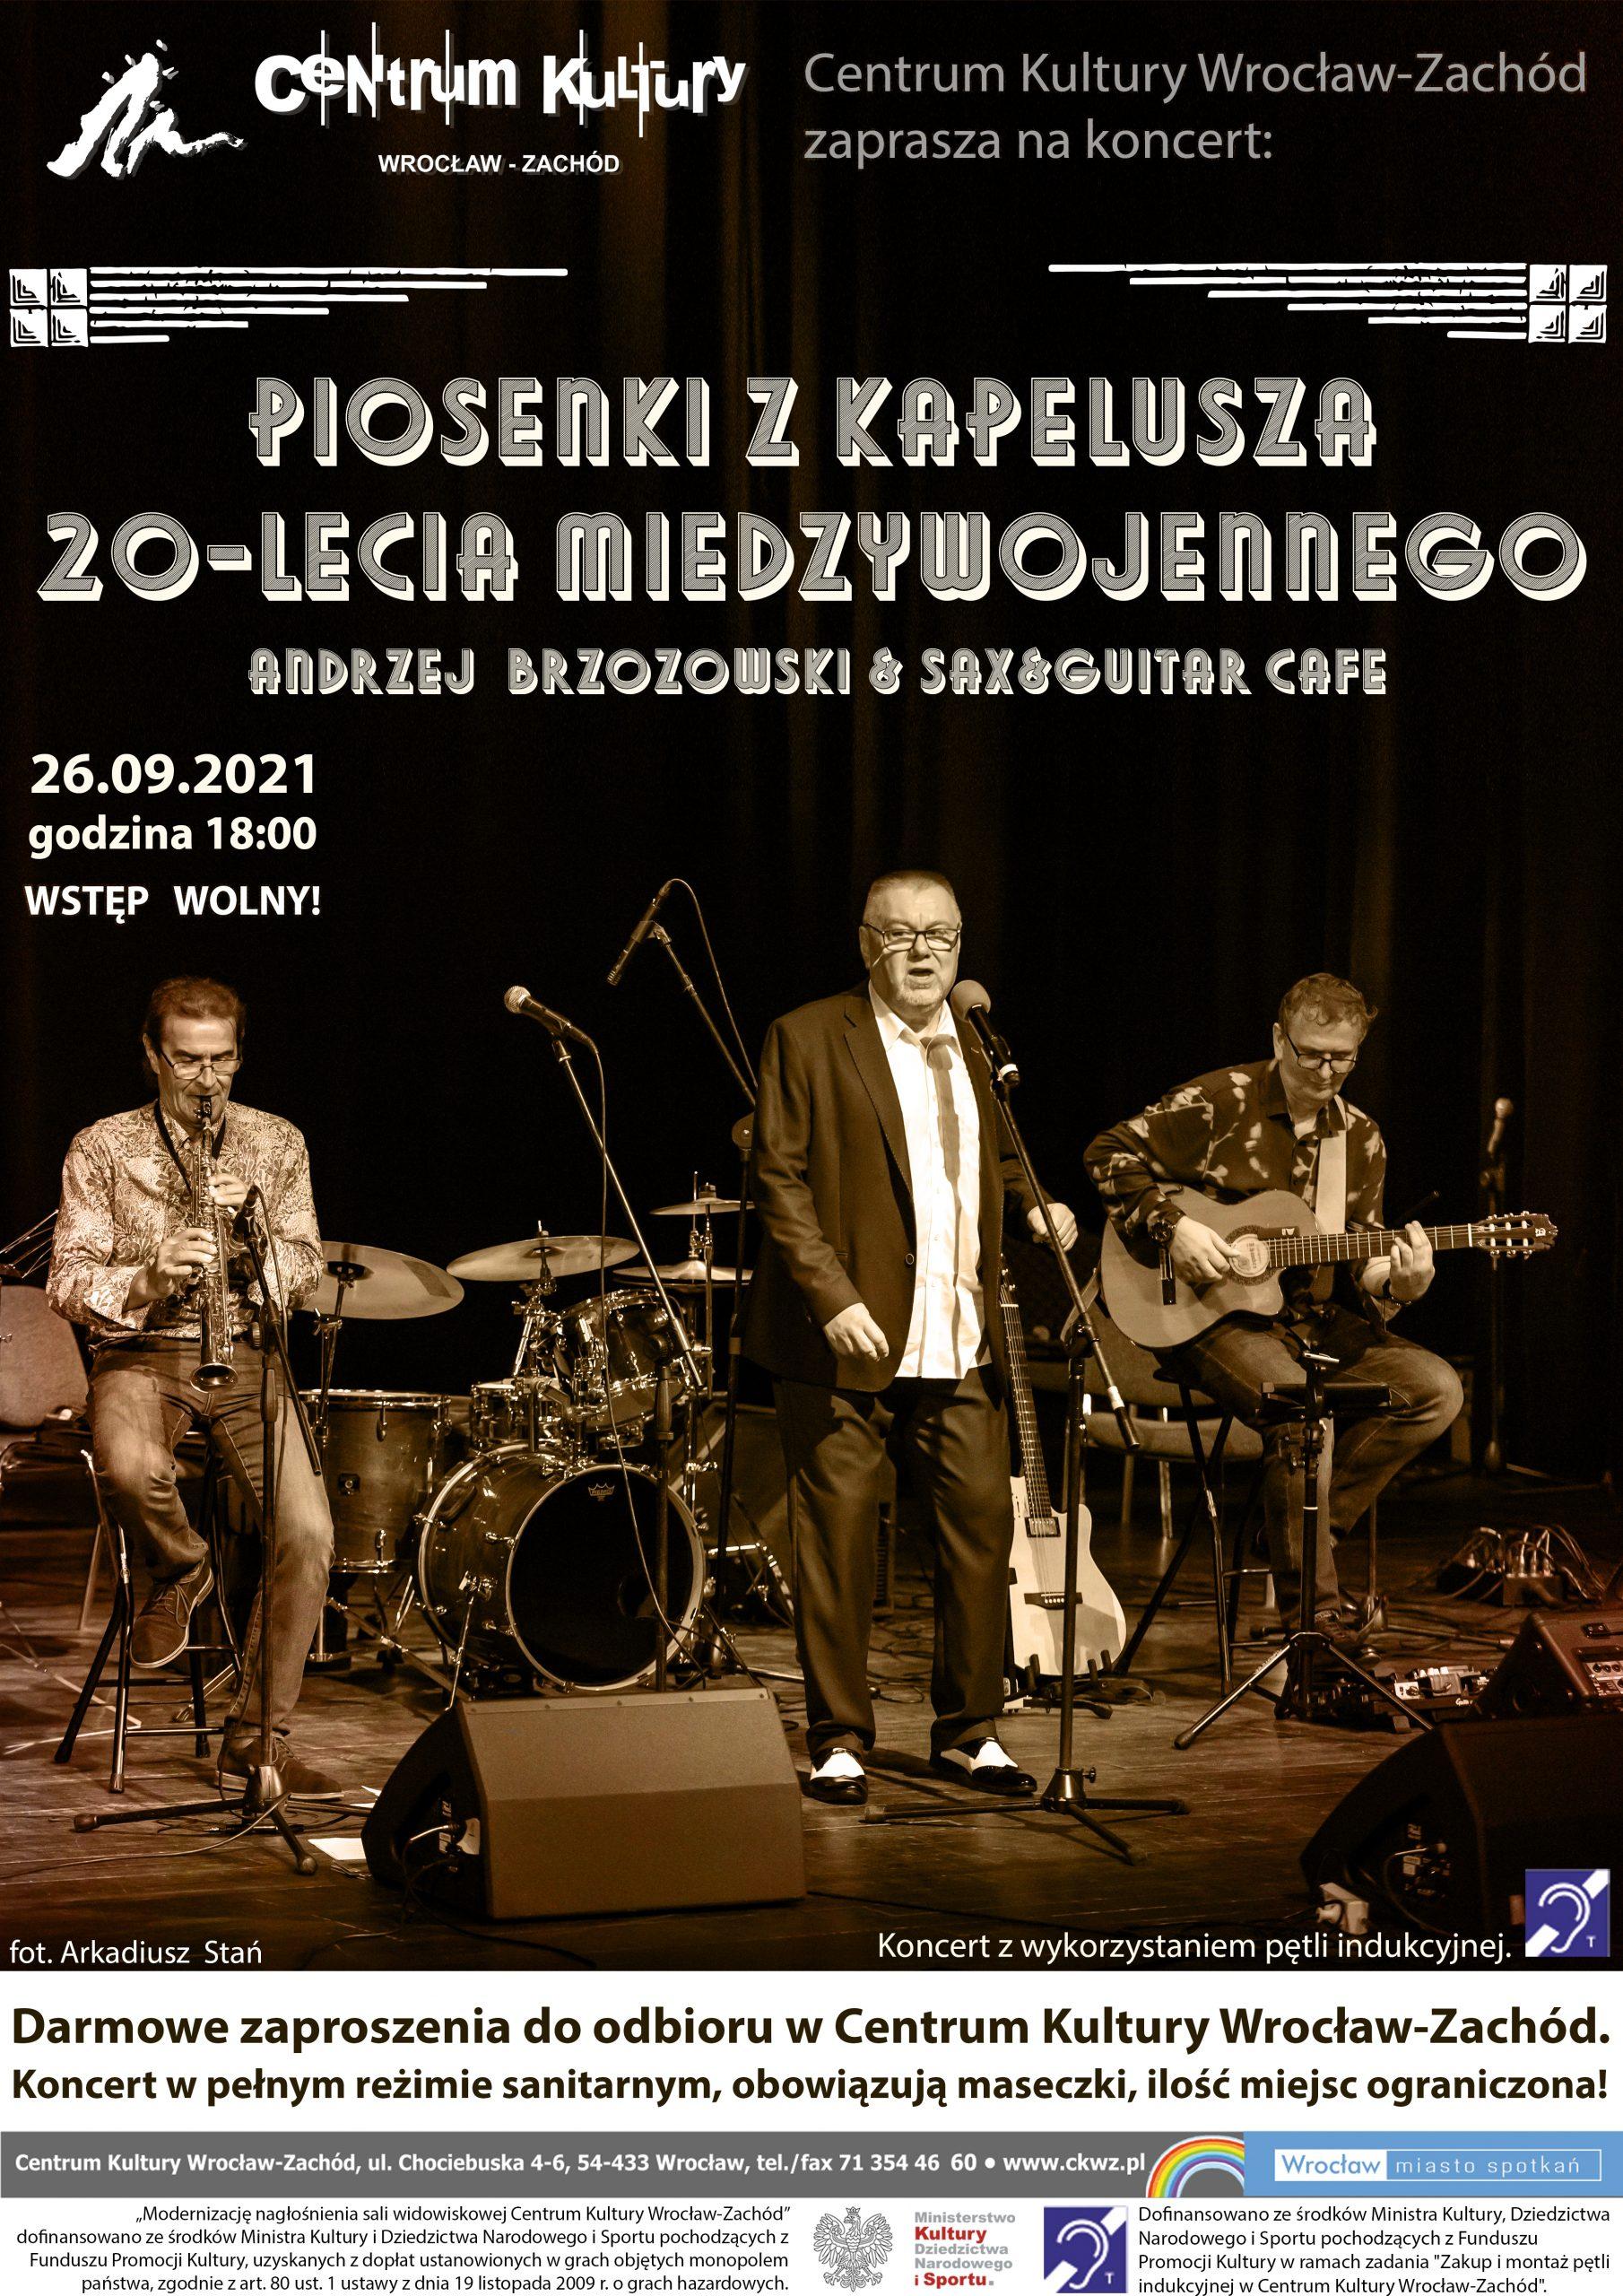 Plakat - piosenki z kapelusza 20-lecia międzywojennego. Andrzej Brzozowski i Sax&Giutar Cafe. 26 września 2021 godzina 18:00. Wstęp wolny za zaproszeniami dostępnymi w dziale programowym CKWZ. Na plakacie widnieje zespół grający na scenie, od lewej saksofonista w środku Andrzej Brzozowski przed mikrofonem i z prawej gitarzysta grający na siedząco. Koncert w pełnym reżimie sanitarnym, obowiązują maseczki, ilość miejsc ograniczona.